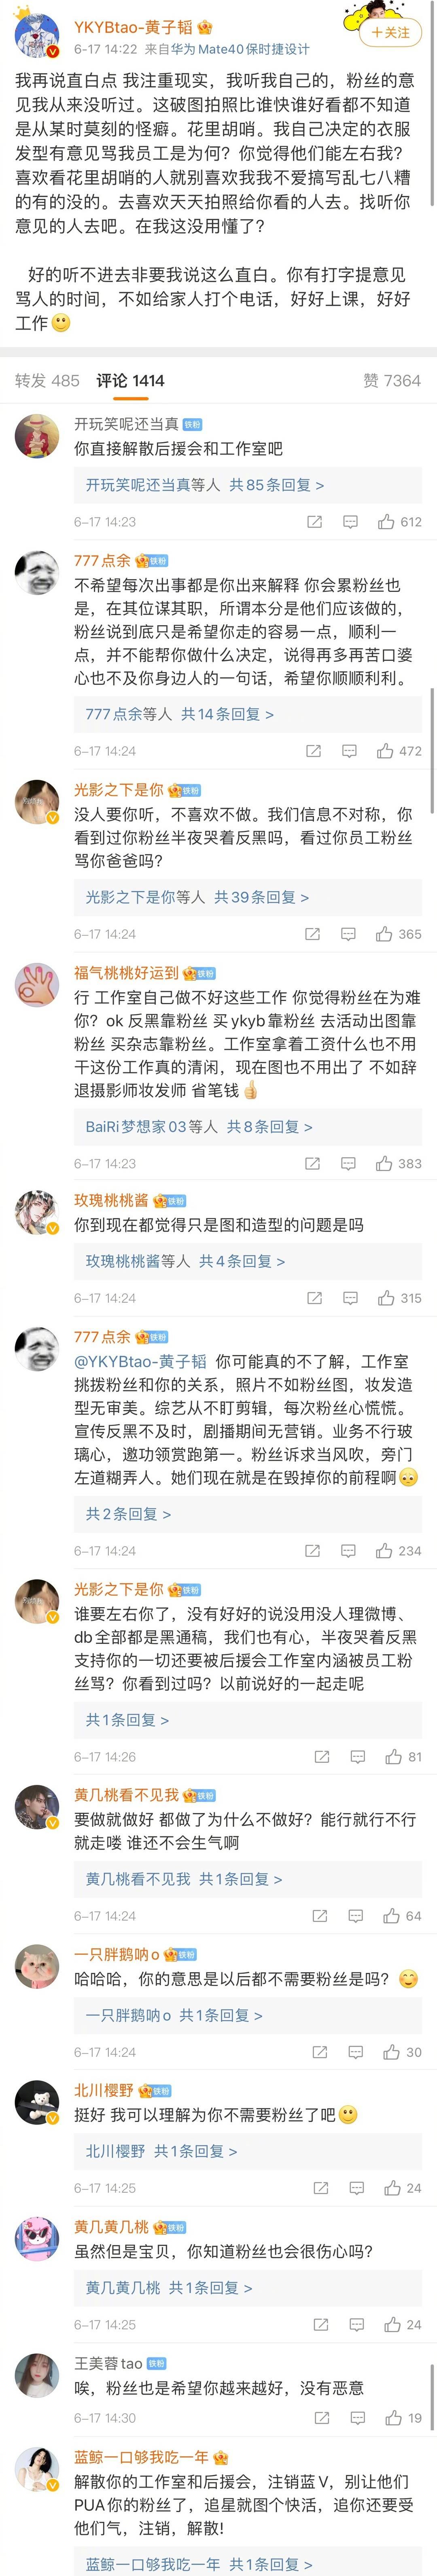 黄子韬与粉丝互骂,社交网站怼粉丝事态发展严重,真不要路人缘了